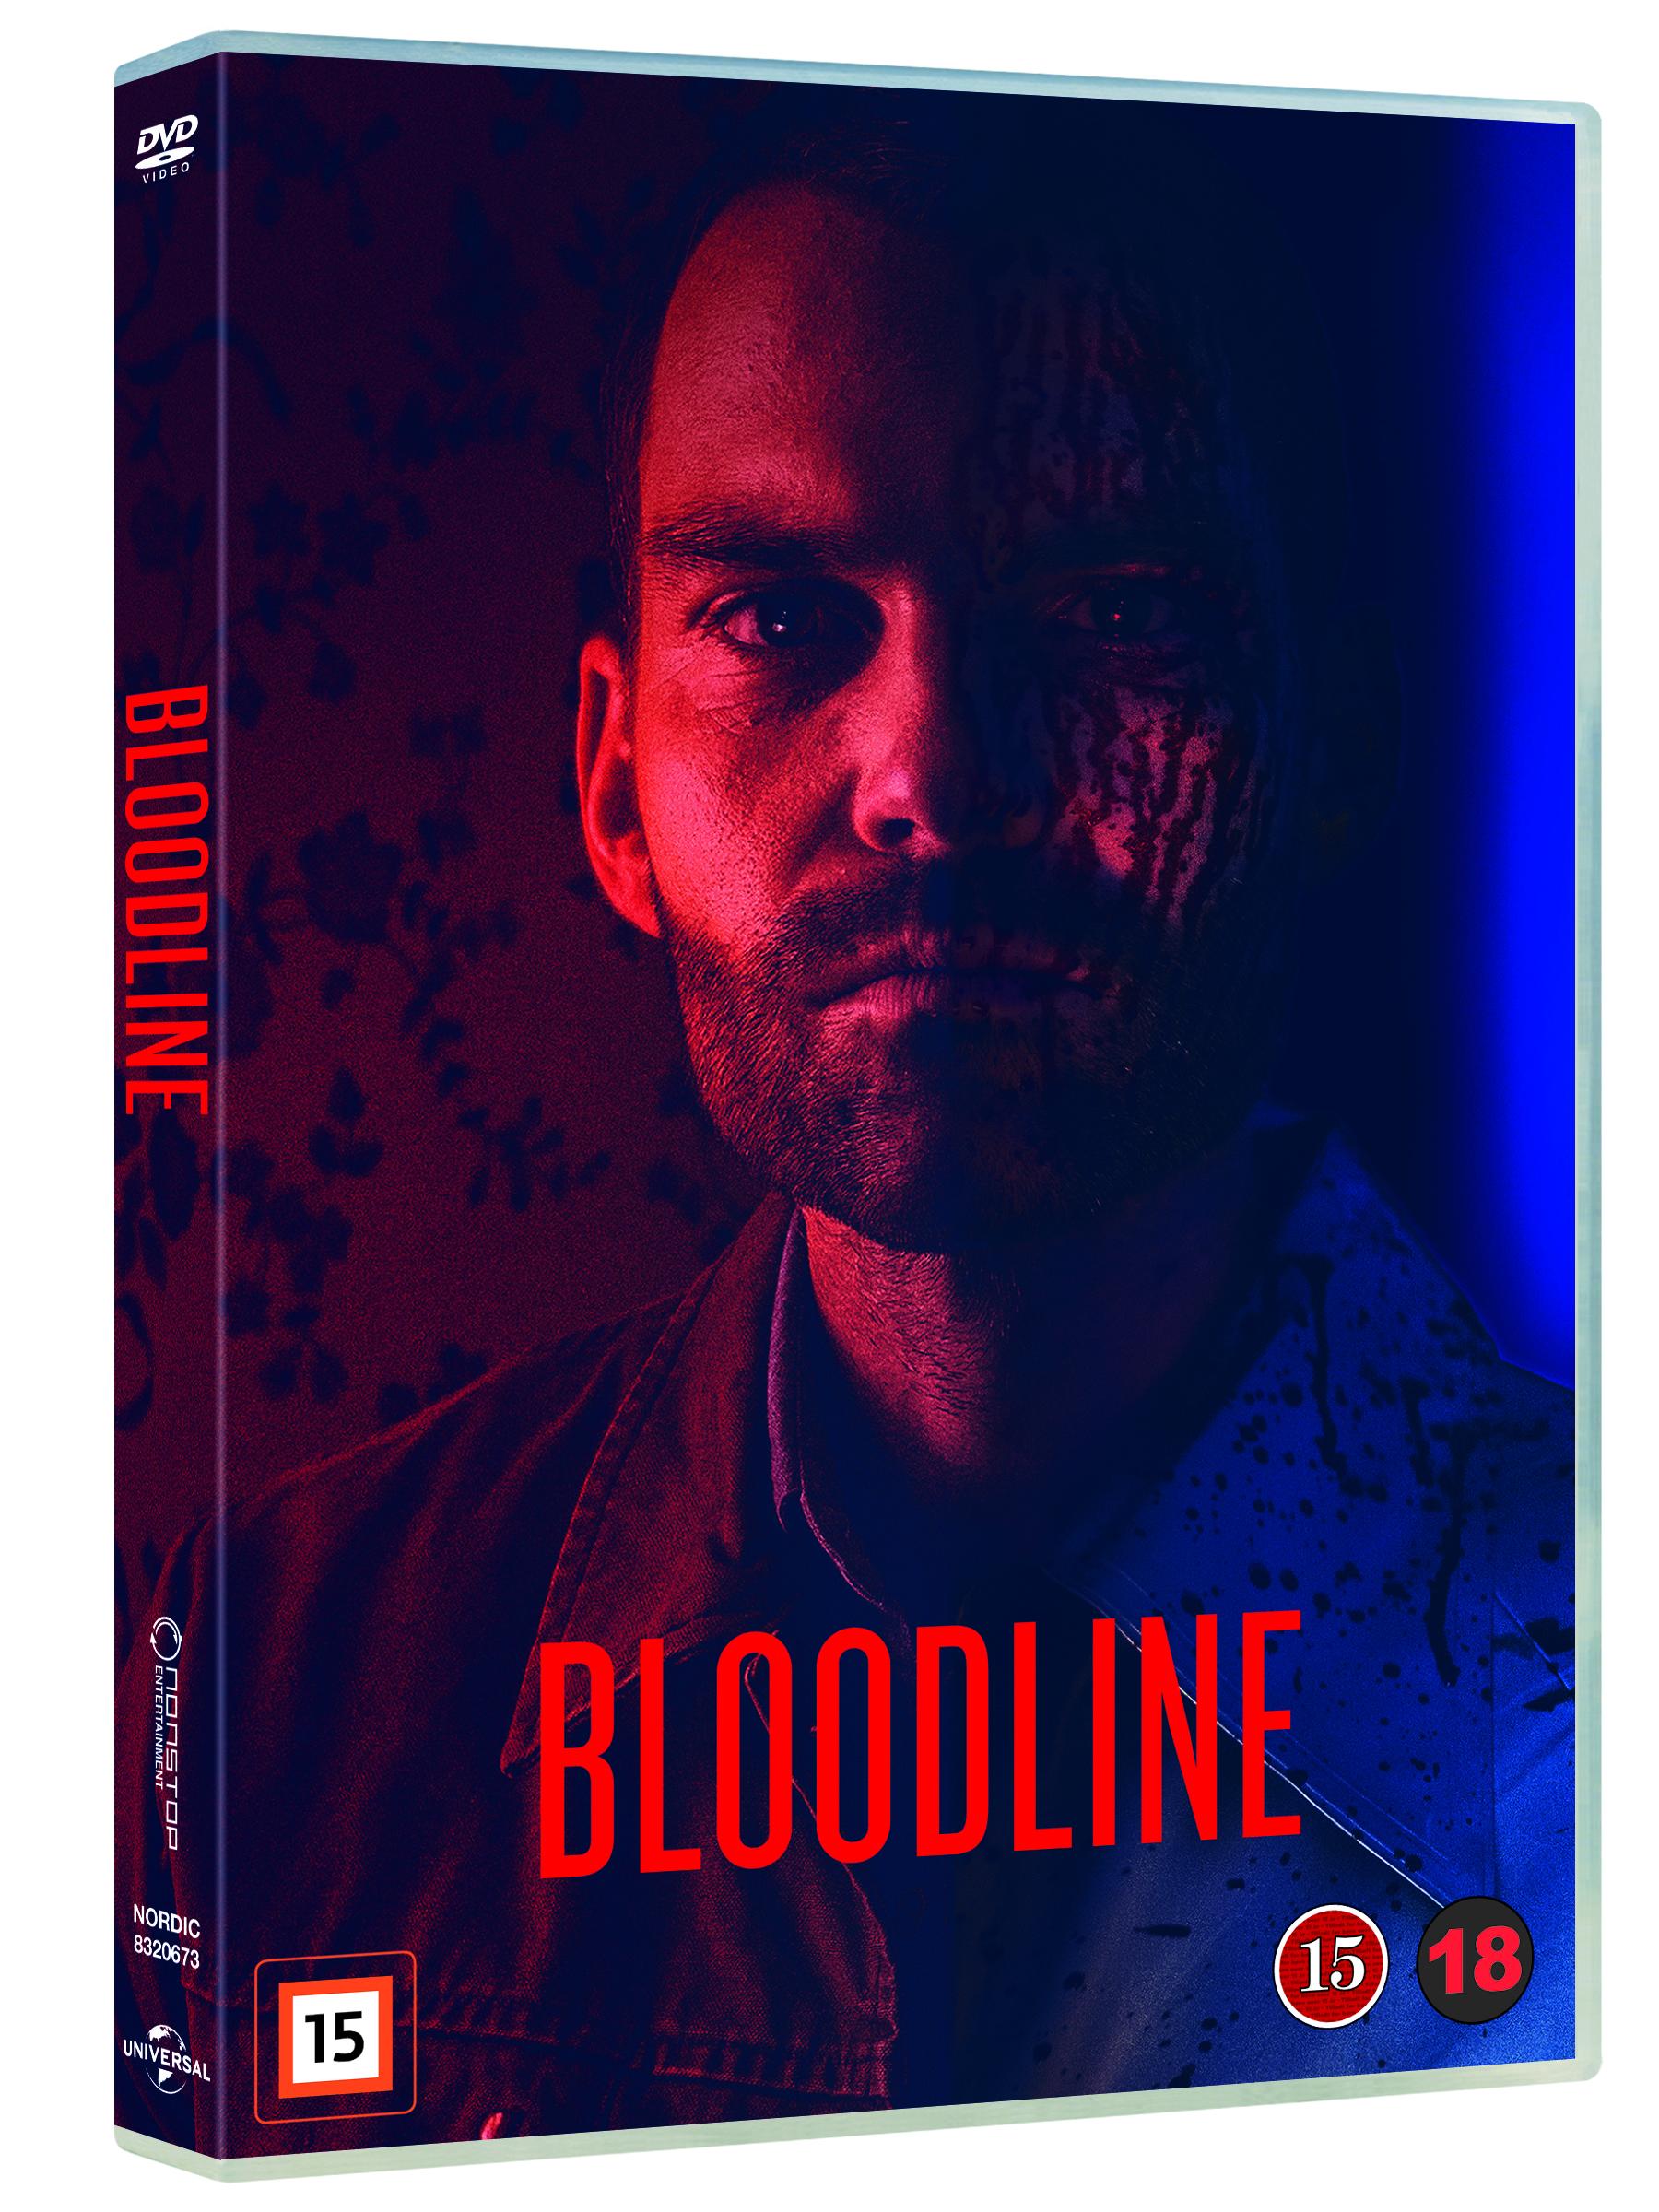 Bloodline -  - Film -  - 5053083206734 - 13/2-2020